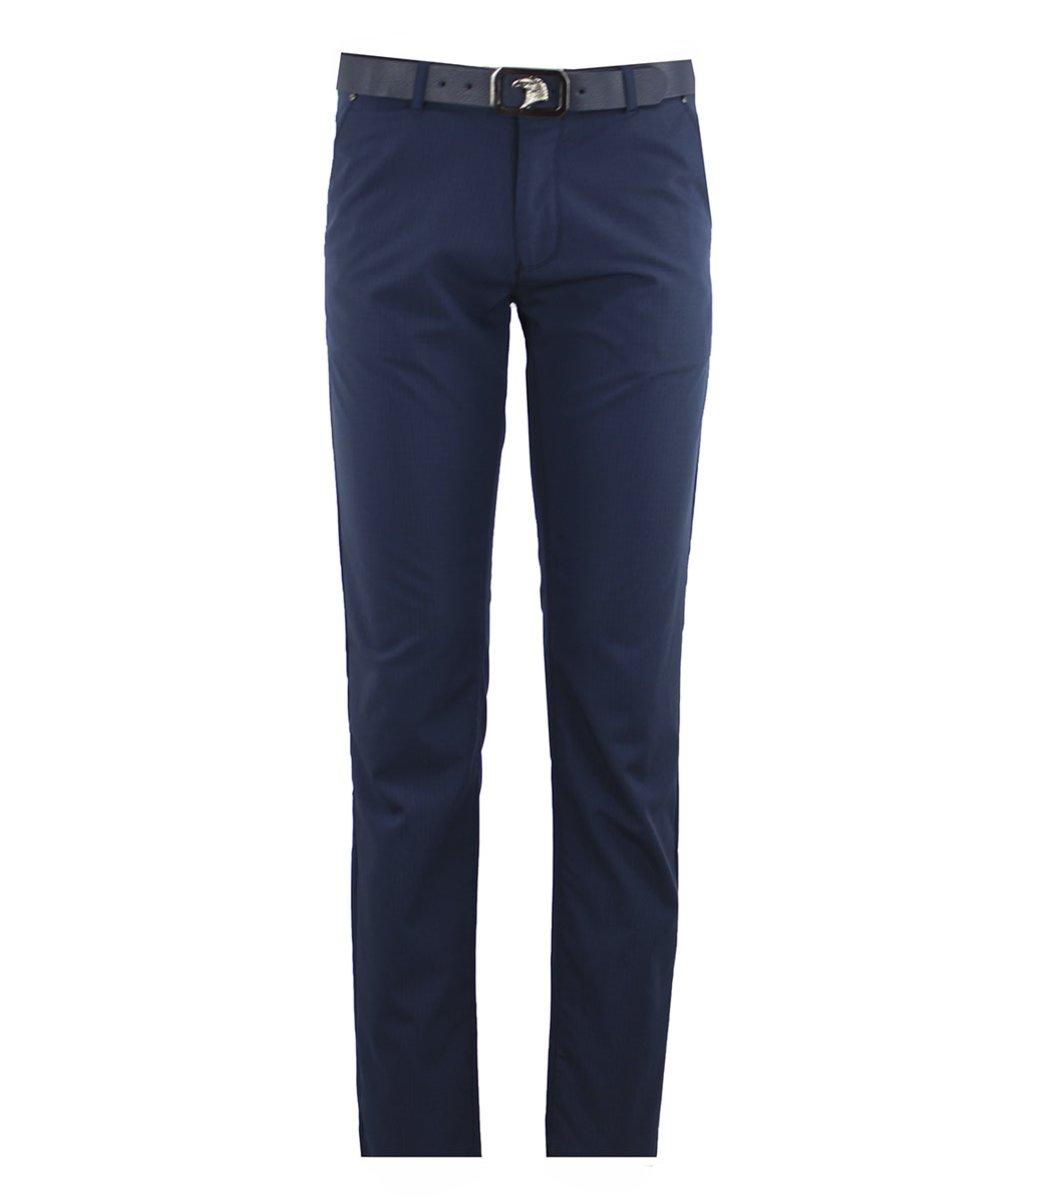 Синие брюки Stefano Ricci 7659